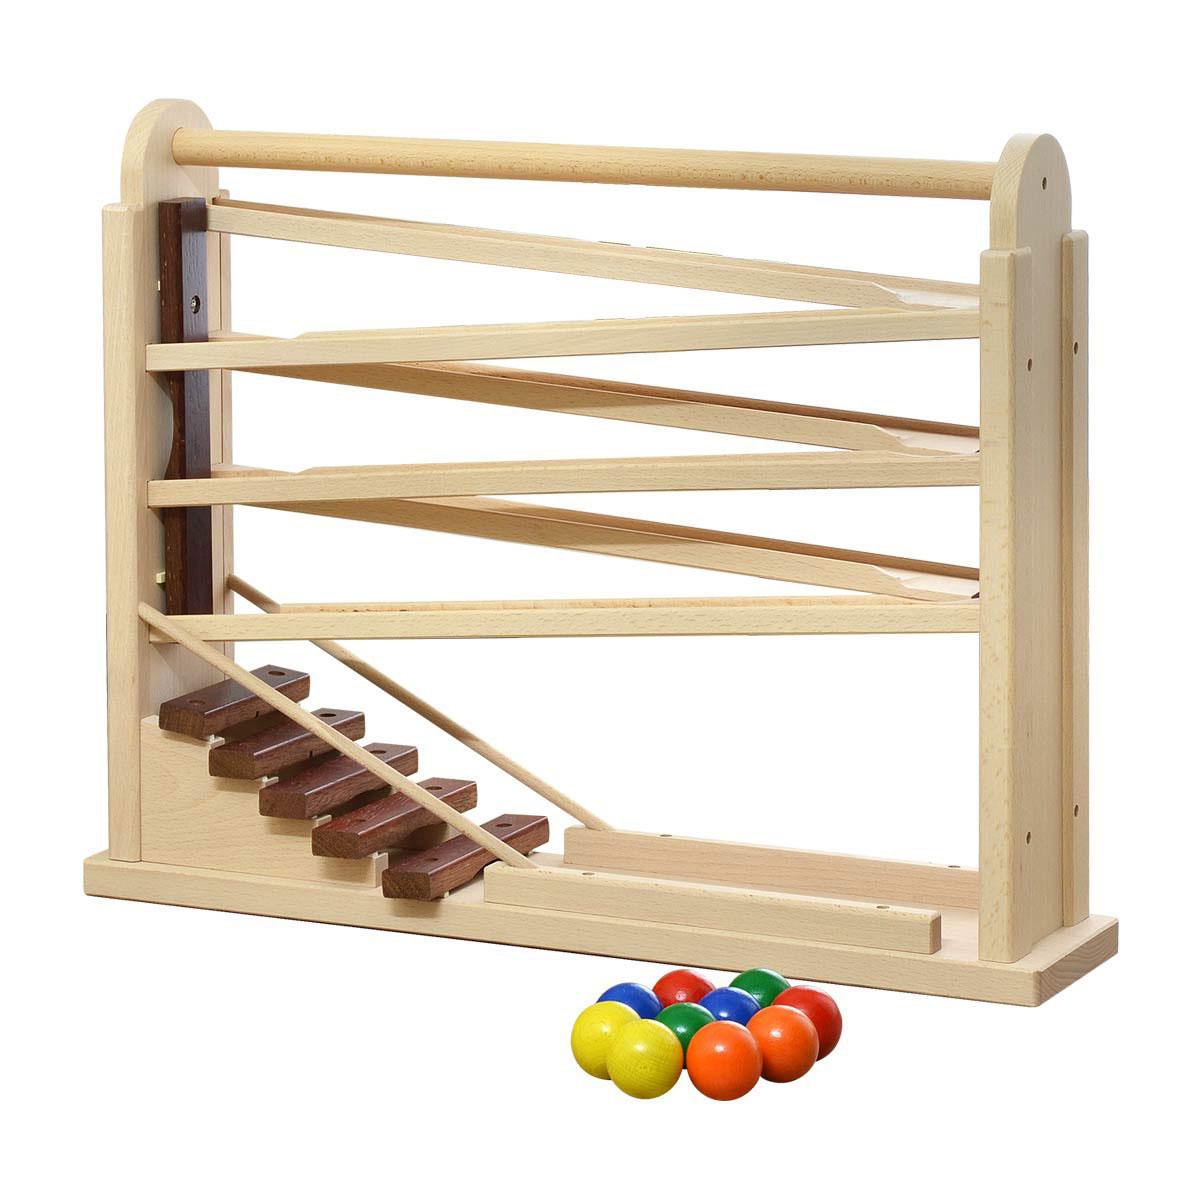 1年保証 コイデ KOIDE 日本製 おもちゃ 玩具 コロコロシロホン M64 木琴 ボール 楽器 スロープ 知育 室内 3歳 男の子 女の子 子供 幼児 ベビー 知育玩具 出産祝い 誕生日 ウッド 天然木 国産 ★[送料無料]